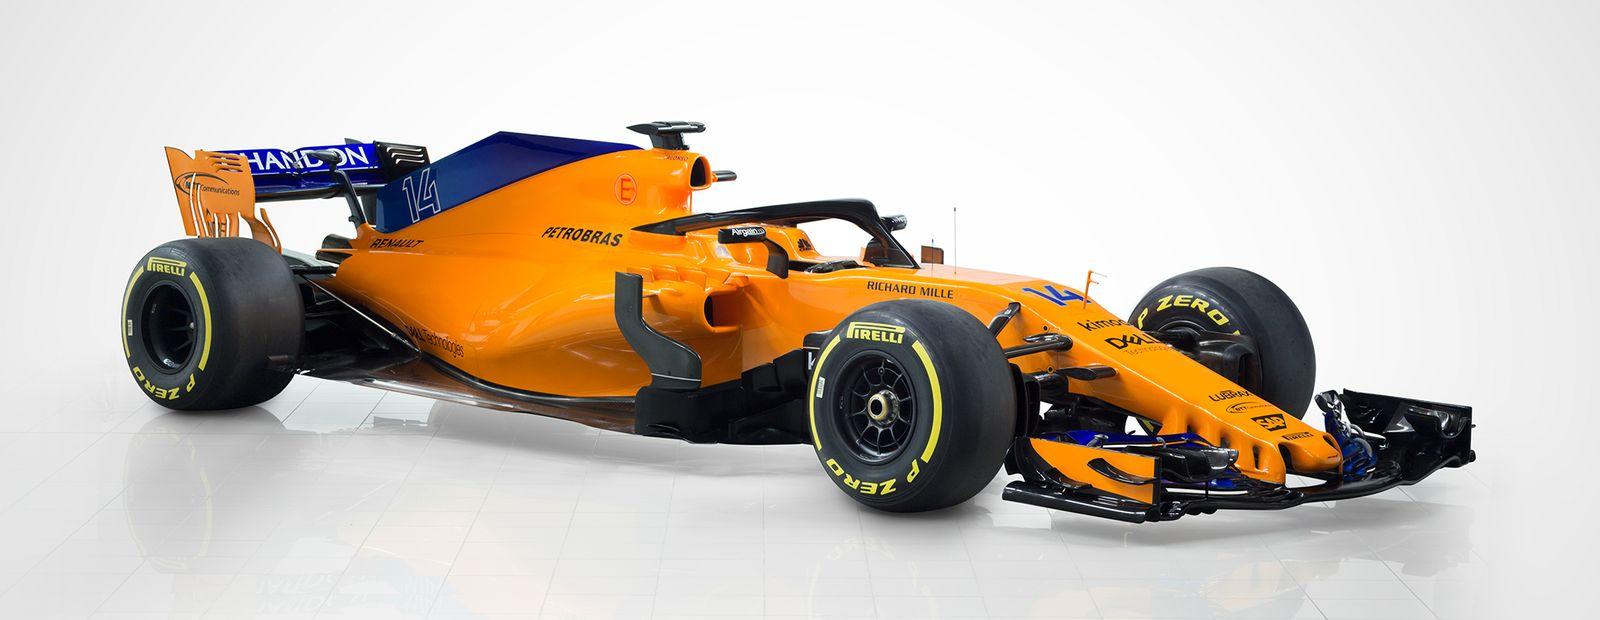 Volvo 40 1 Interior >> McLaren Formula 1 - McLaren unveils striking 2018 challenger: the MCL33